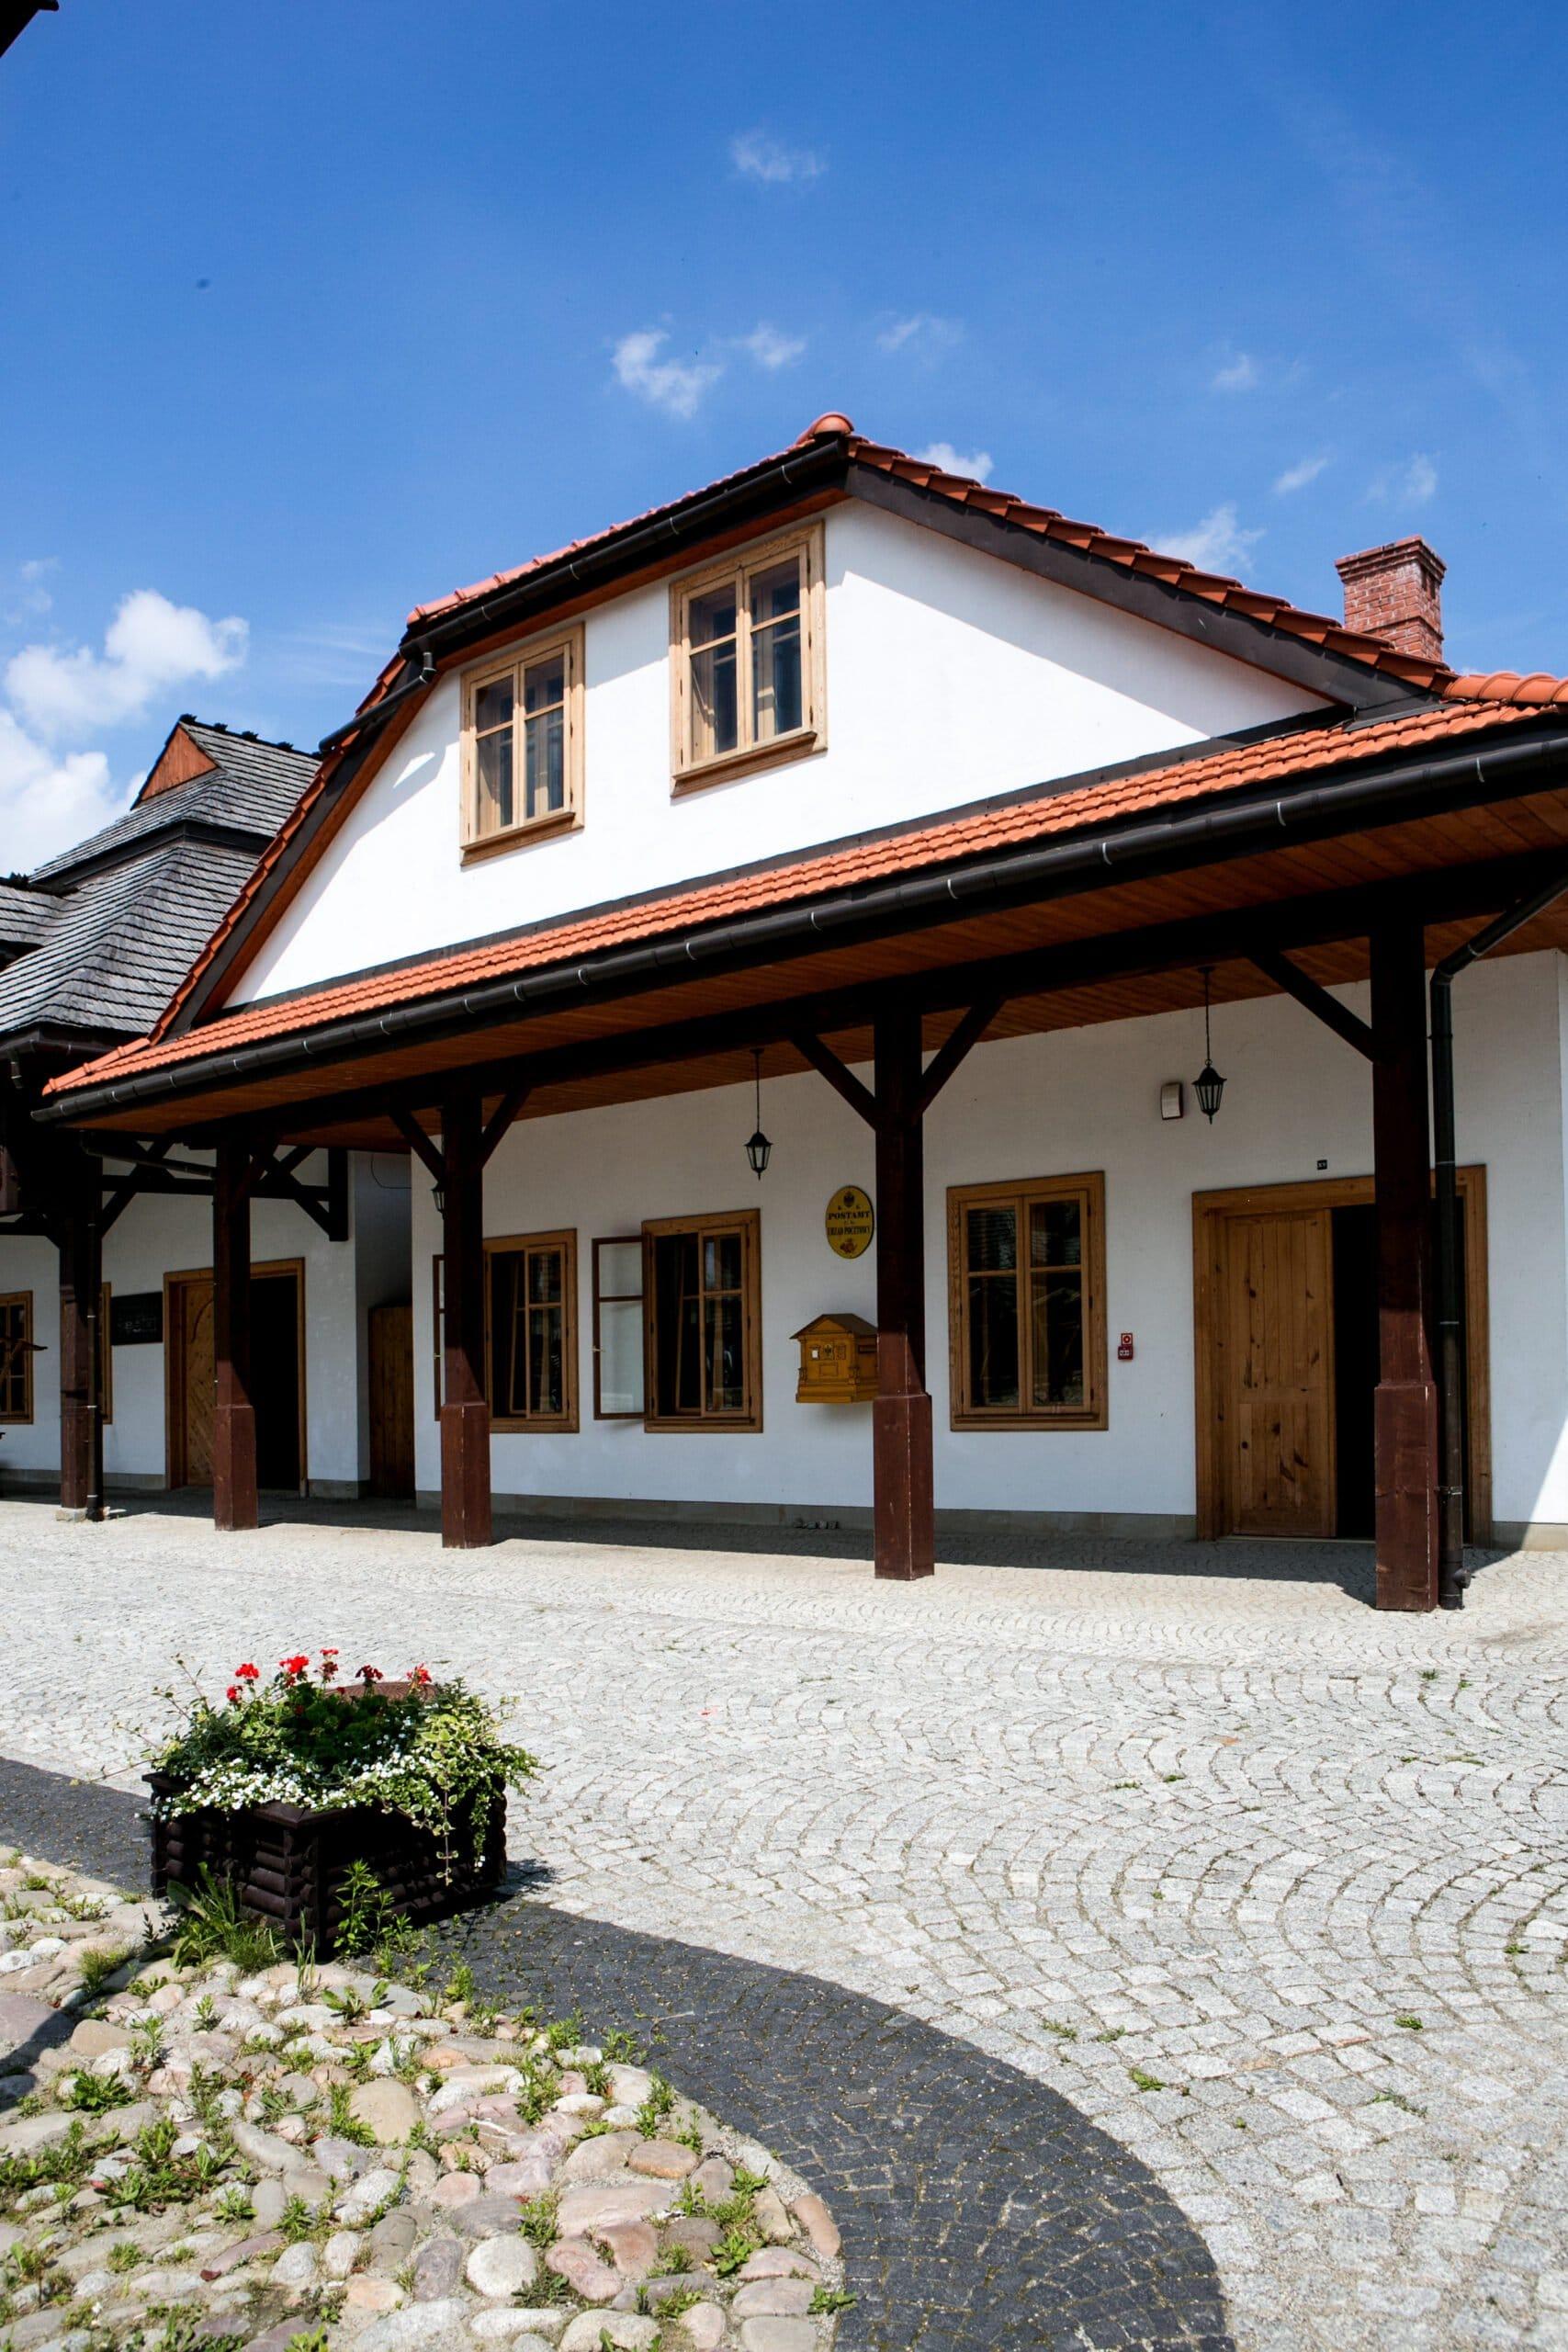 Miasteczko Galicyjskie foto.Piotr Droździk